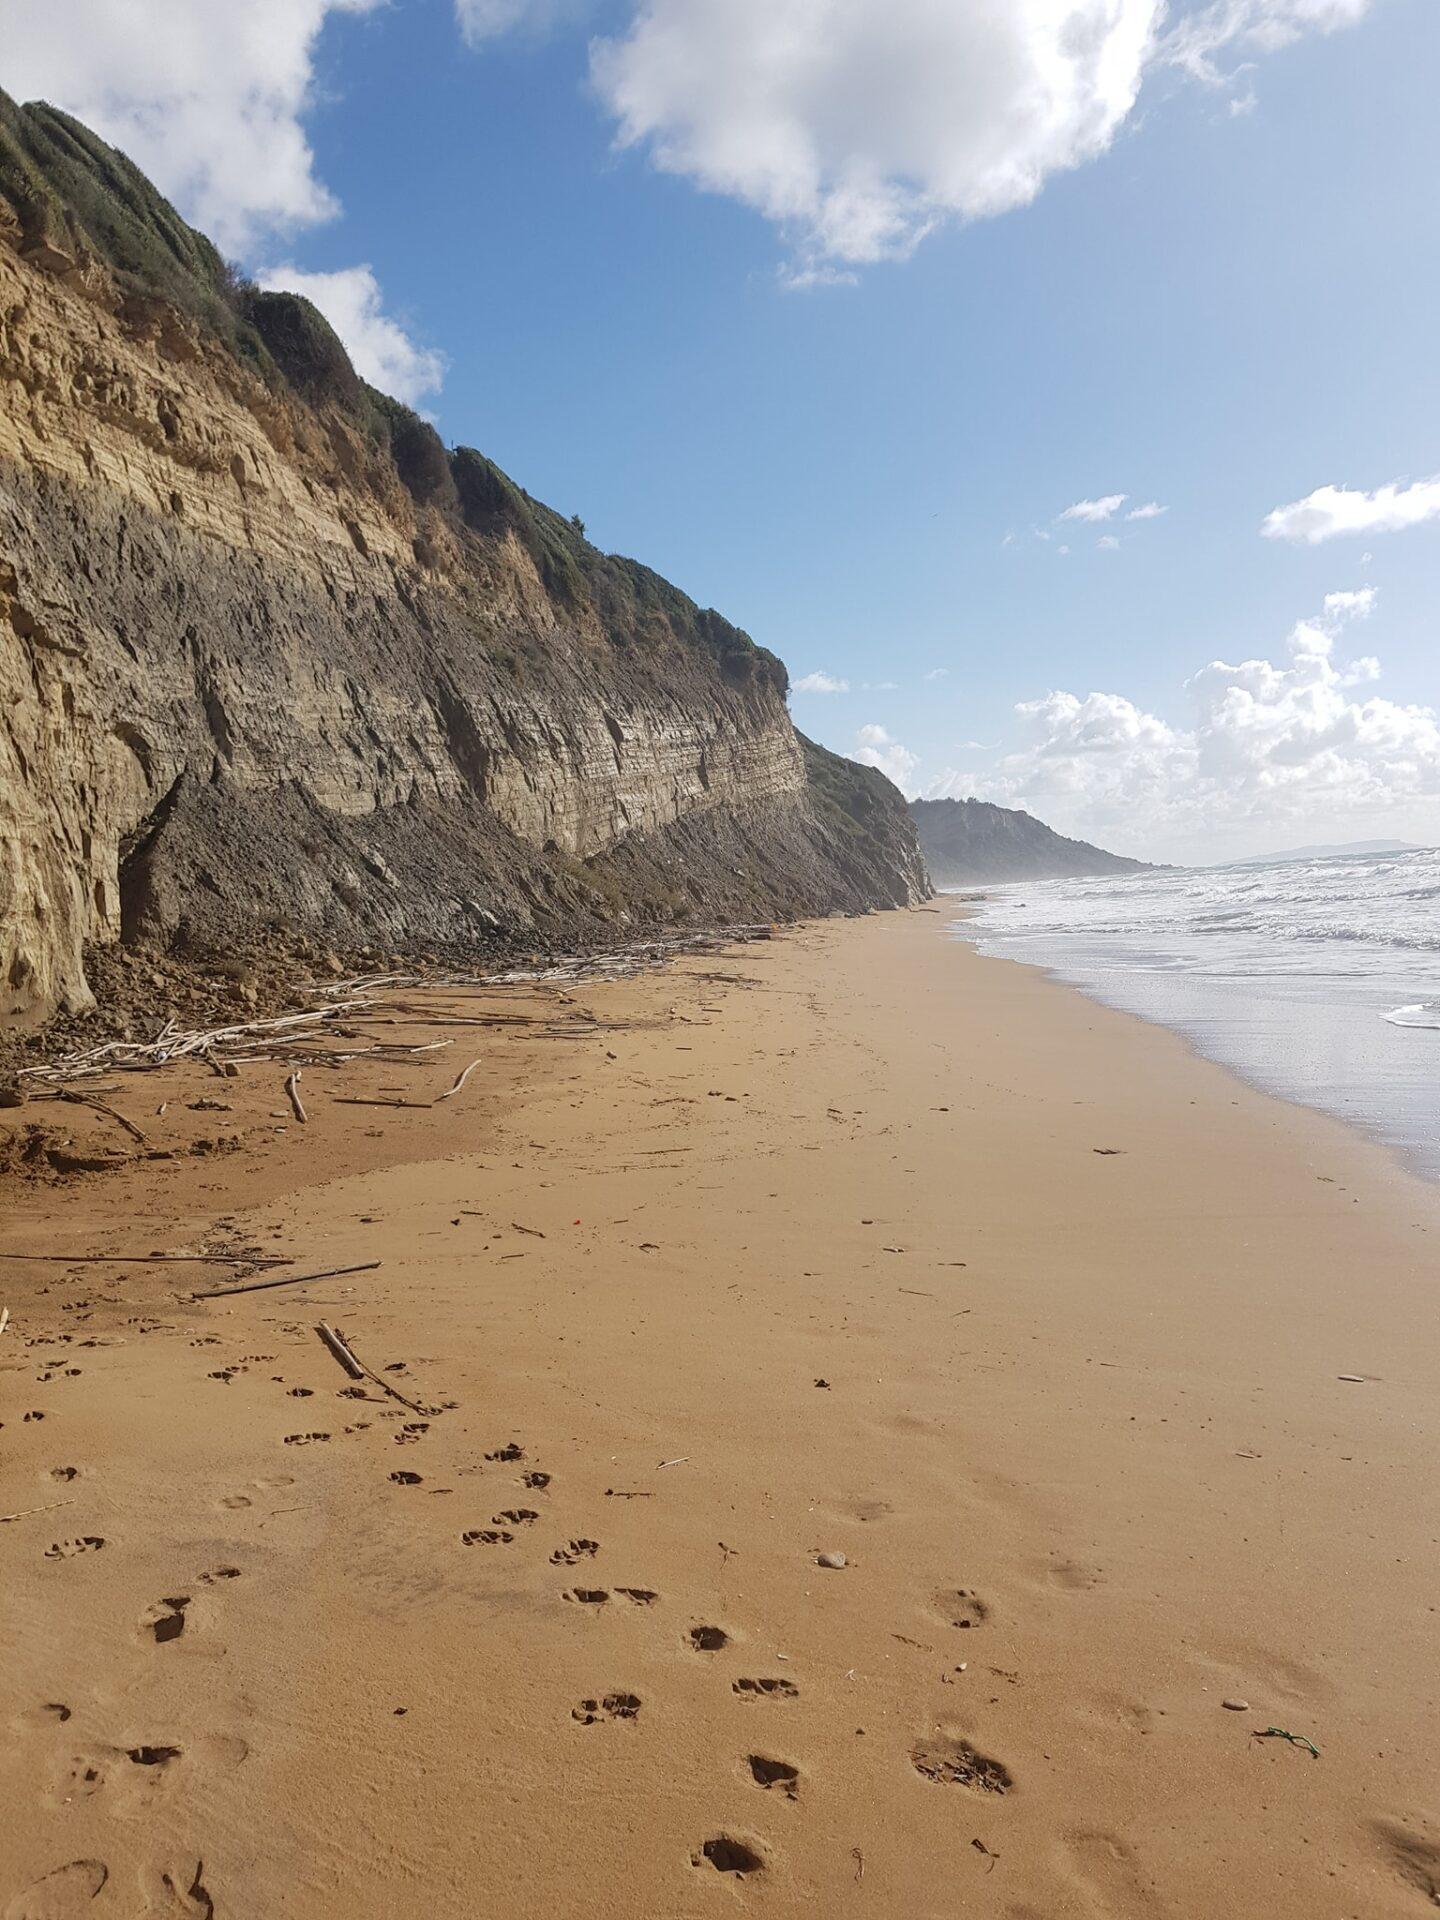 Παραλία Σάντα Μπάρμπαρα mykerkyra.com